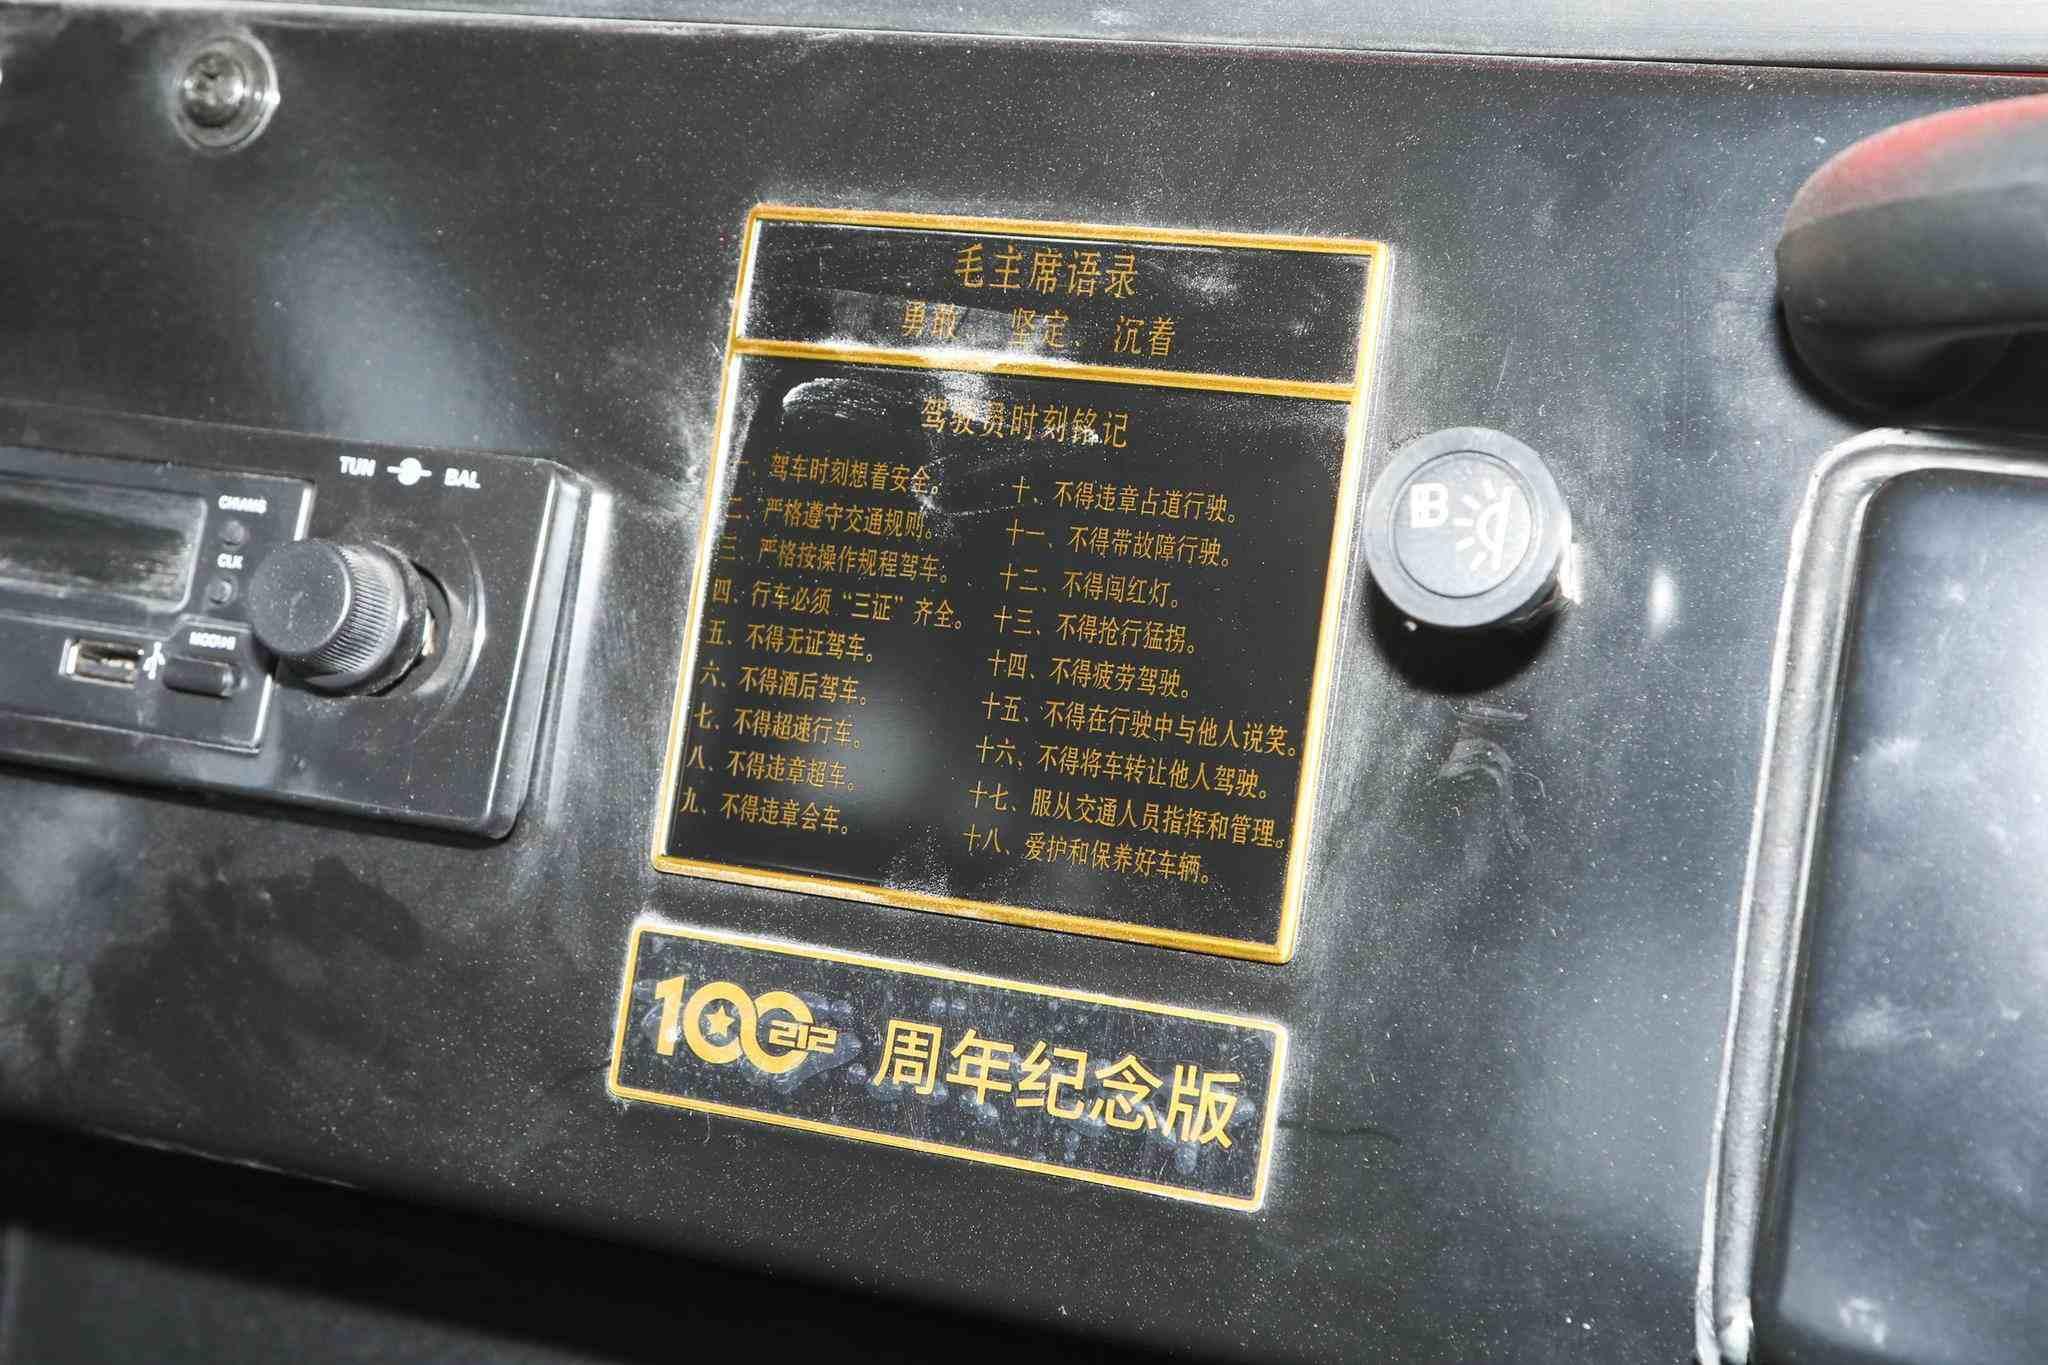 北京212吉普车解释